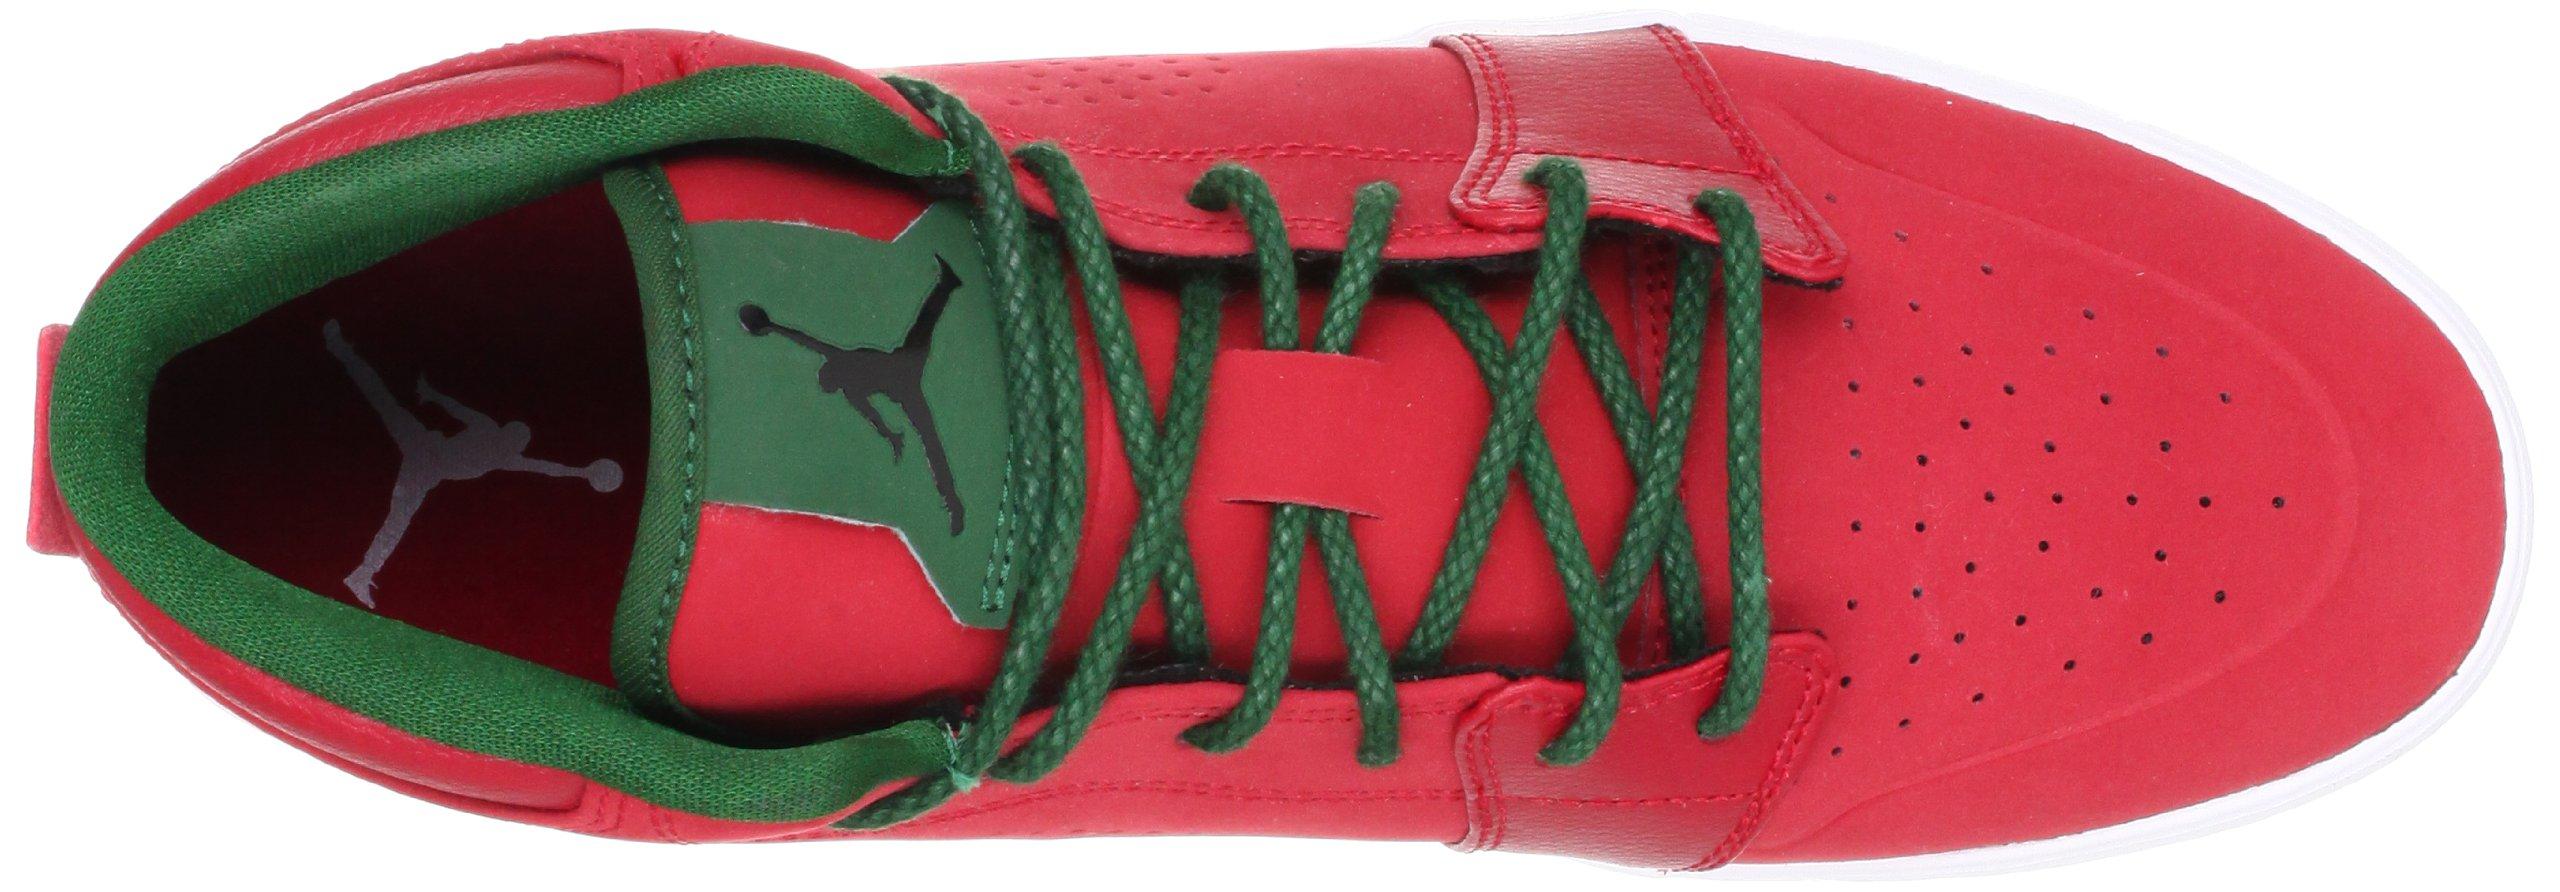 Nike Air Presto Essential Lifestyle Kicks Sneakers Mens Blustery/Terra Orange New 848187-404 - 7